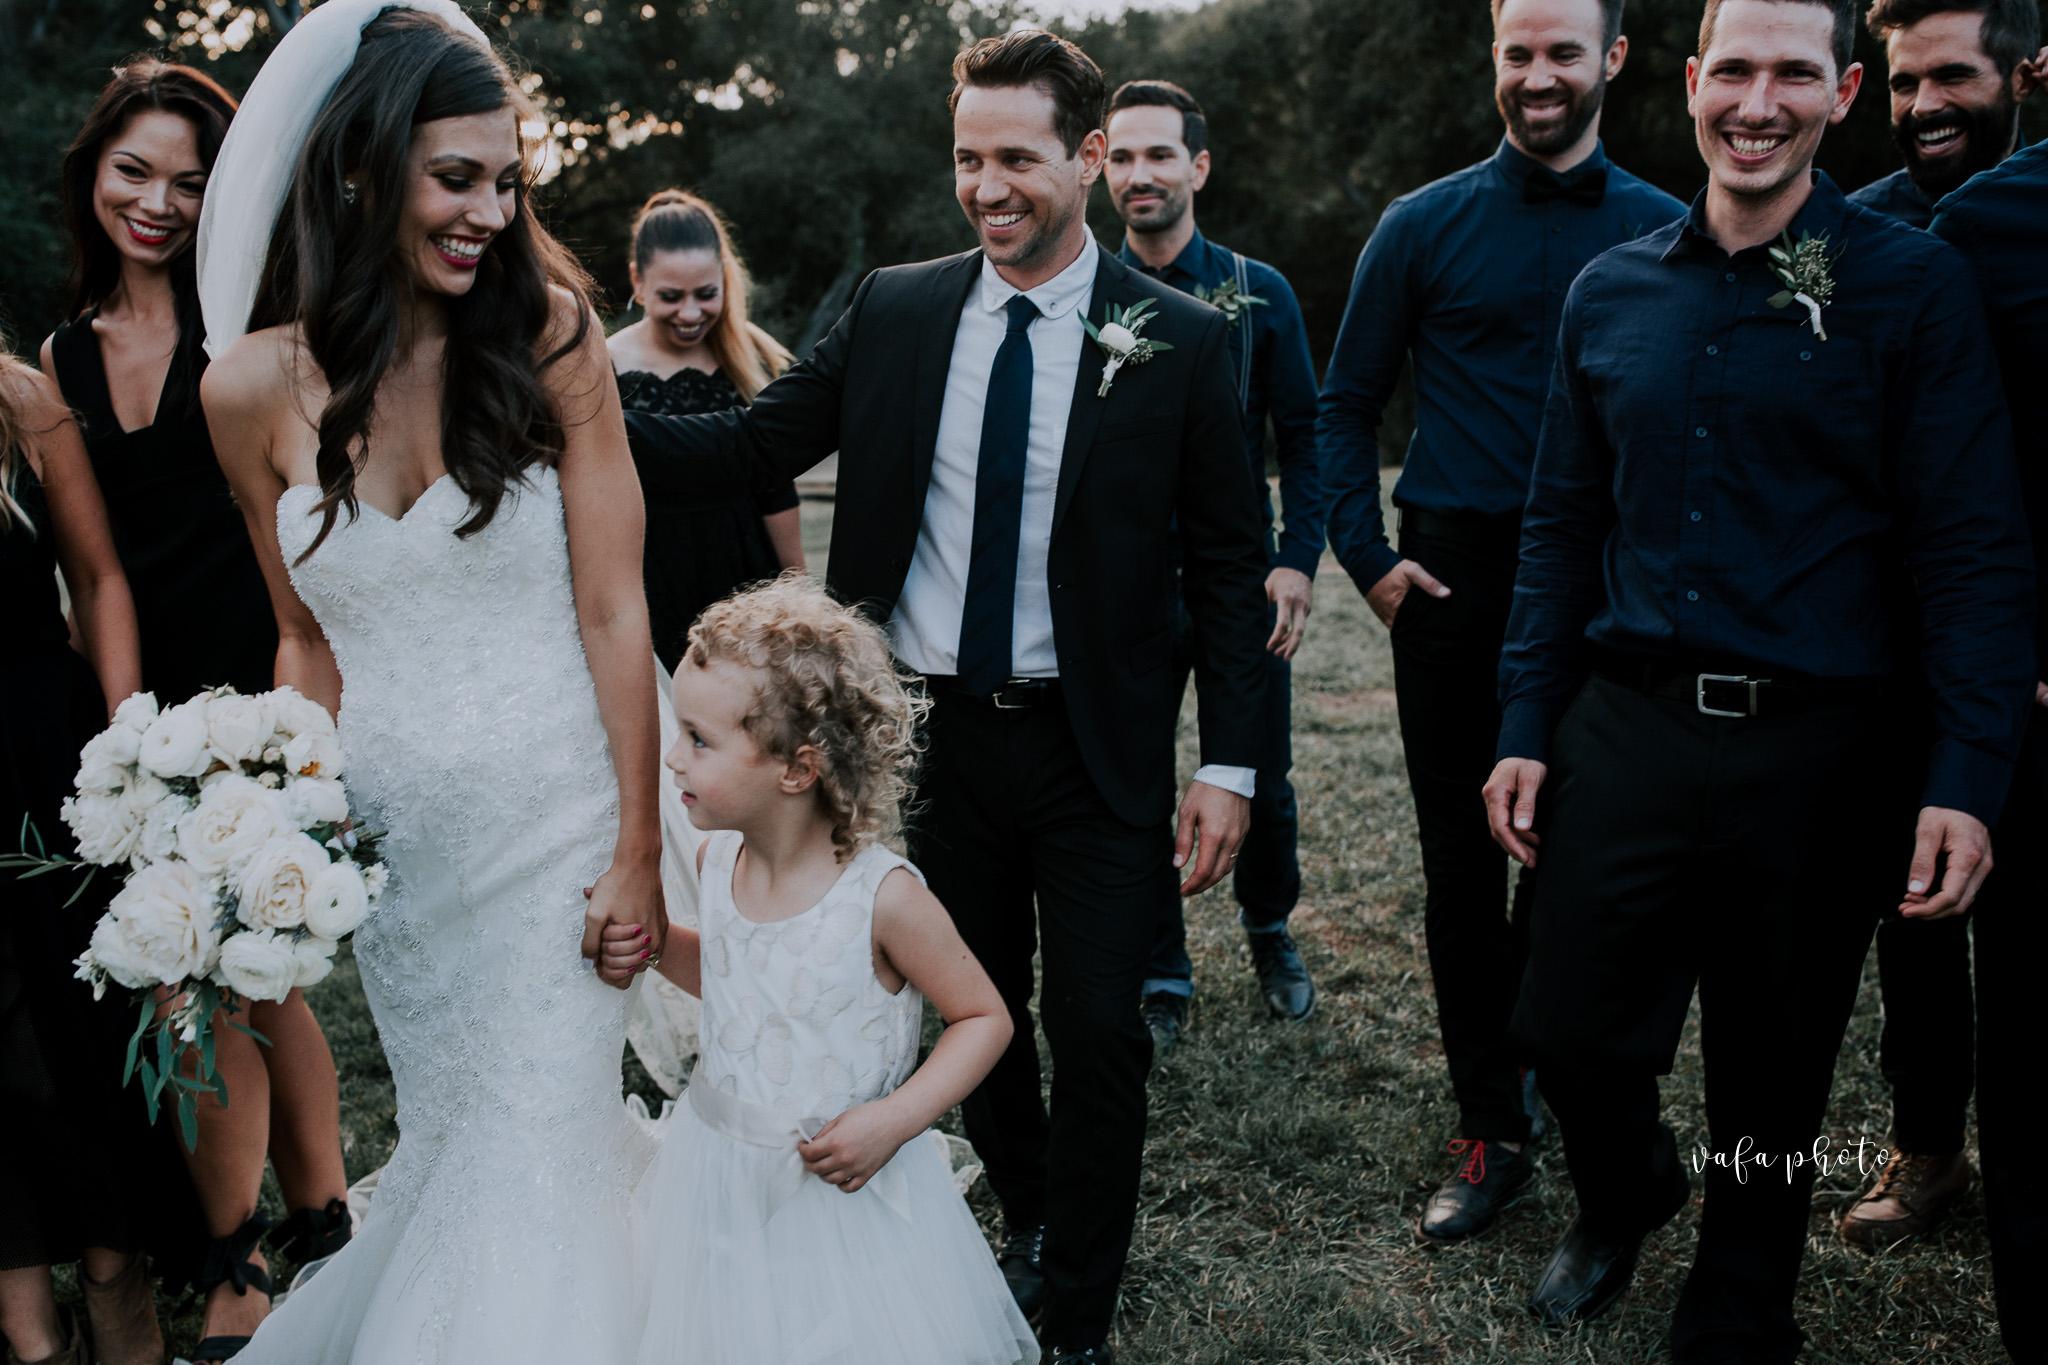 Southern-California-Wedding-Britt-Nilsson-Jeremy-Byrne-Vafa-Photo-658.jpg